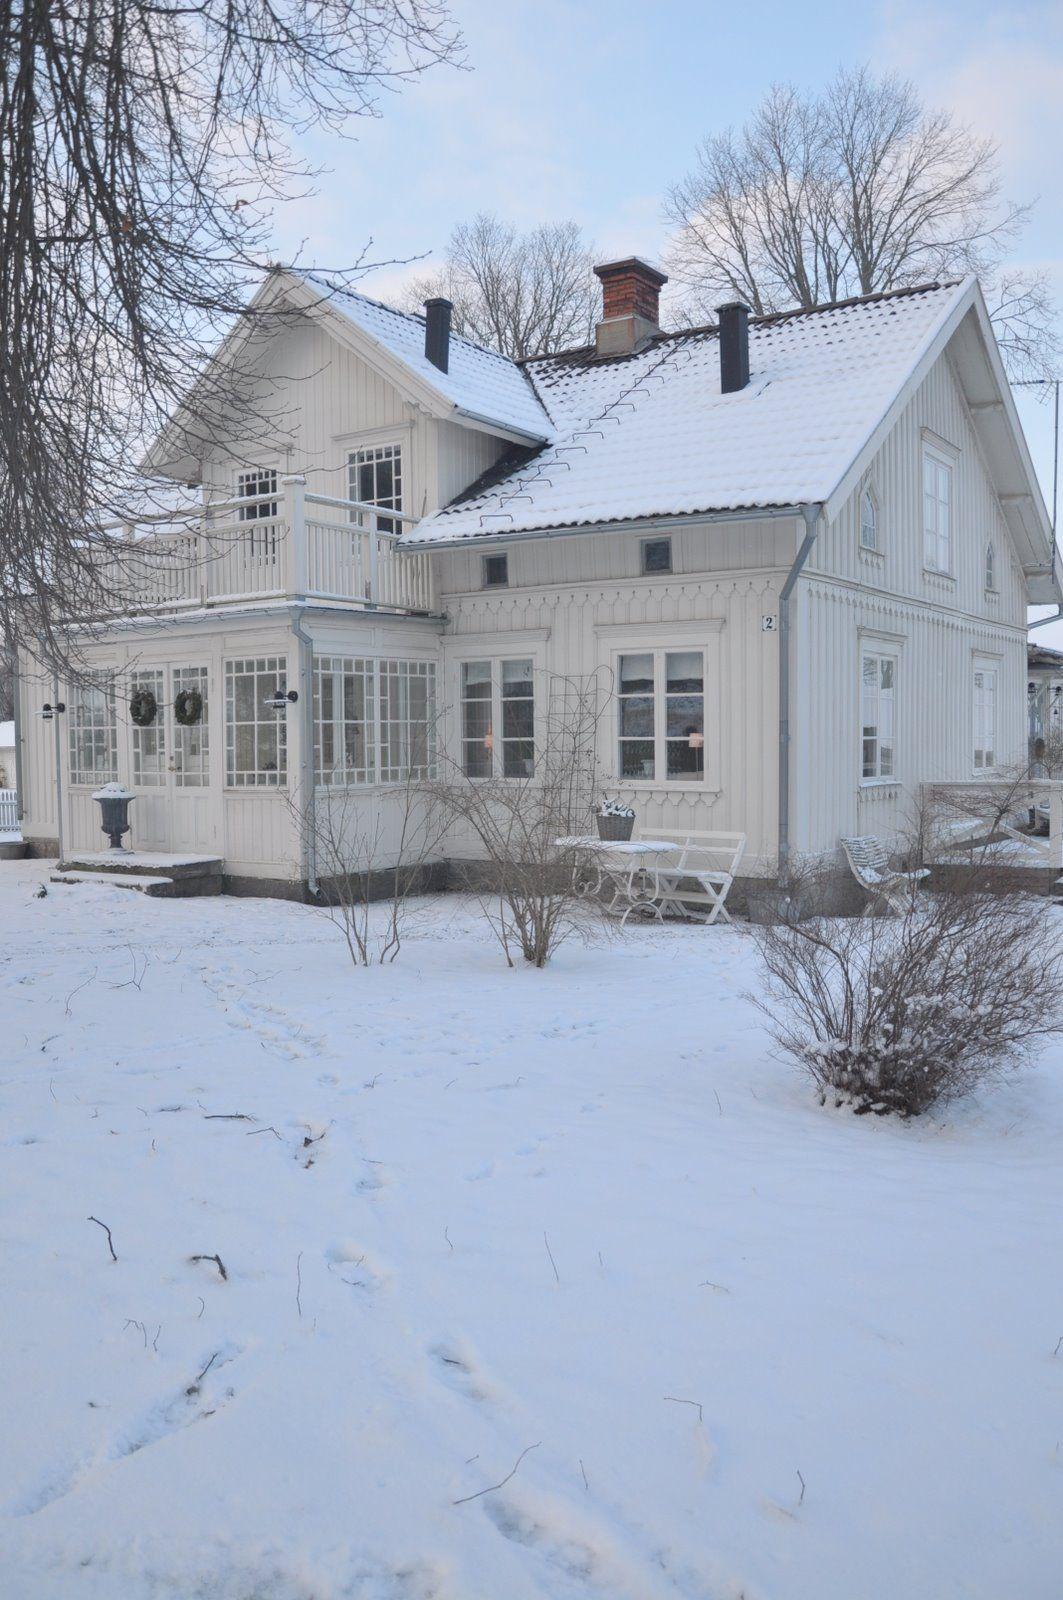 Haus hnliche tolle projekte und ideen wie im bild vorgestellt findest du auch in unserem - Skandinavisches gartenhaus ...